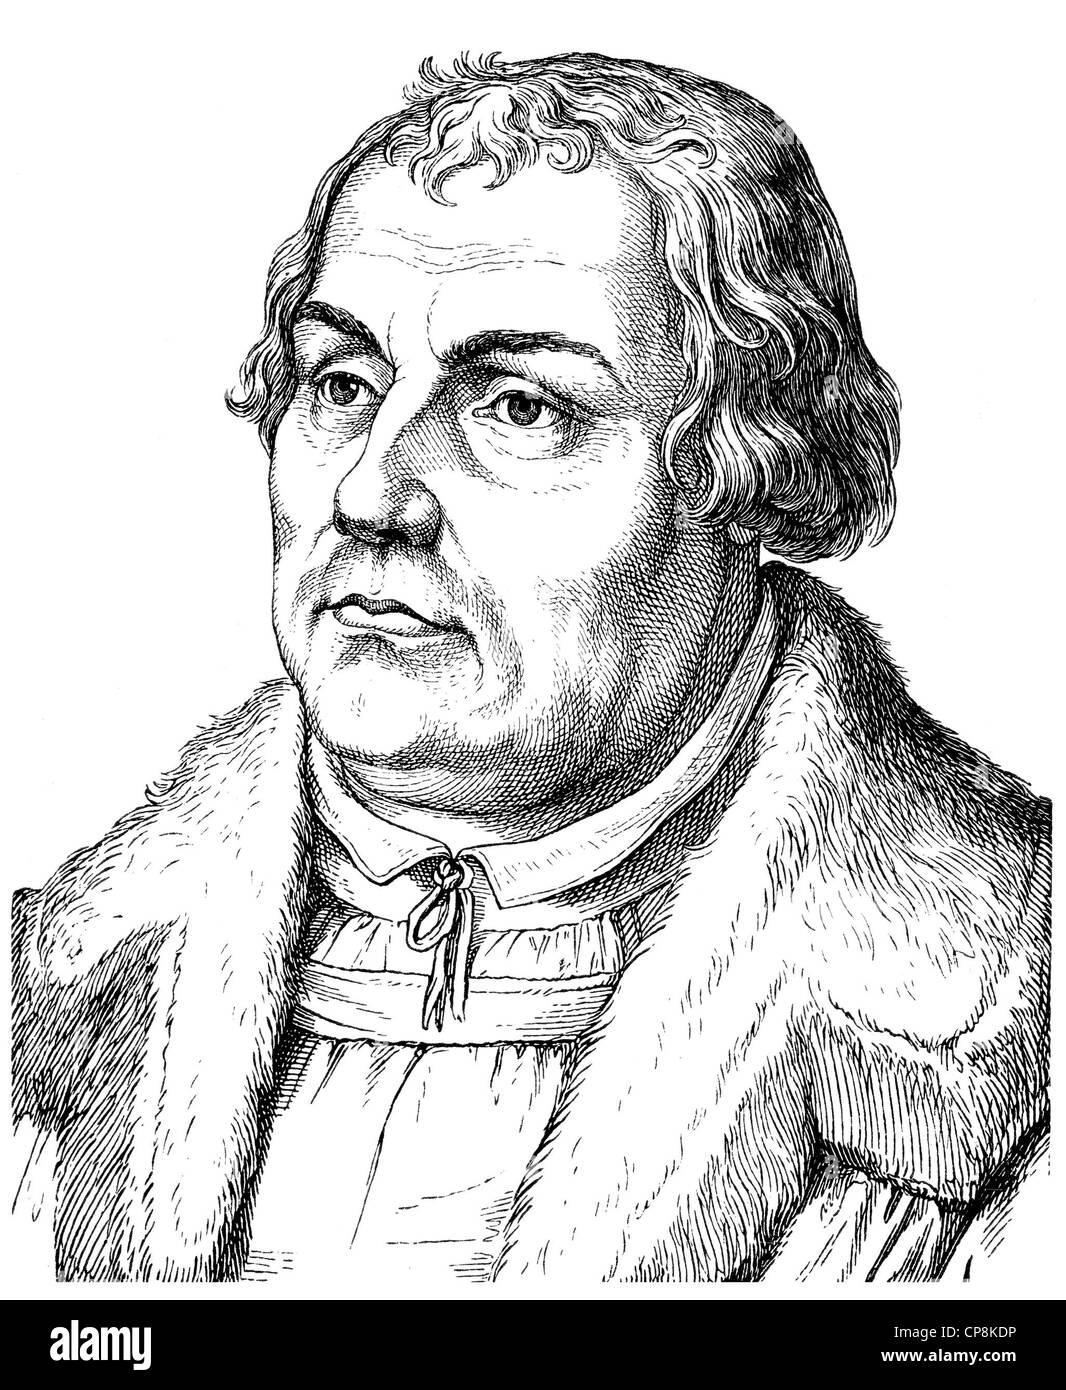 Martin Luther, 1483 - 1546, theologian and reformer, Historische Zeichnung aus dem 19. Jahrhundert, Portrait von - Stock Image